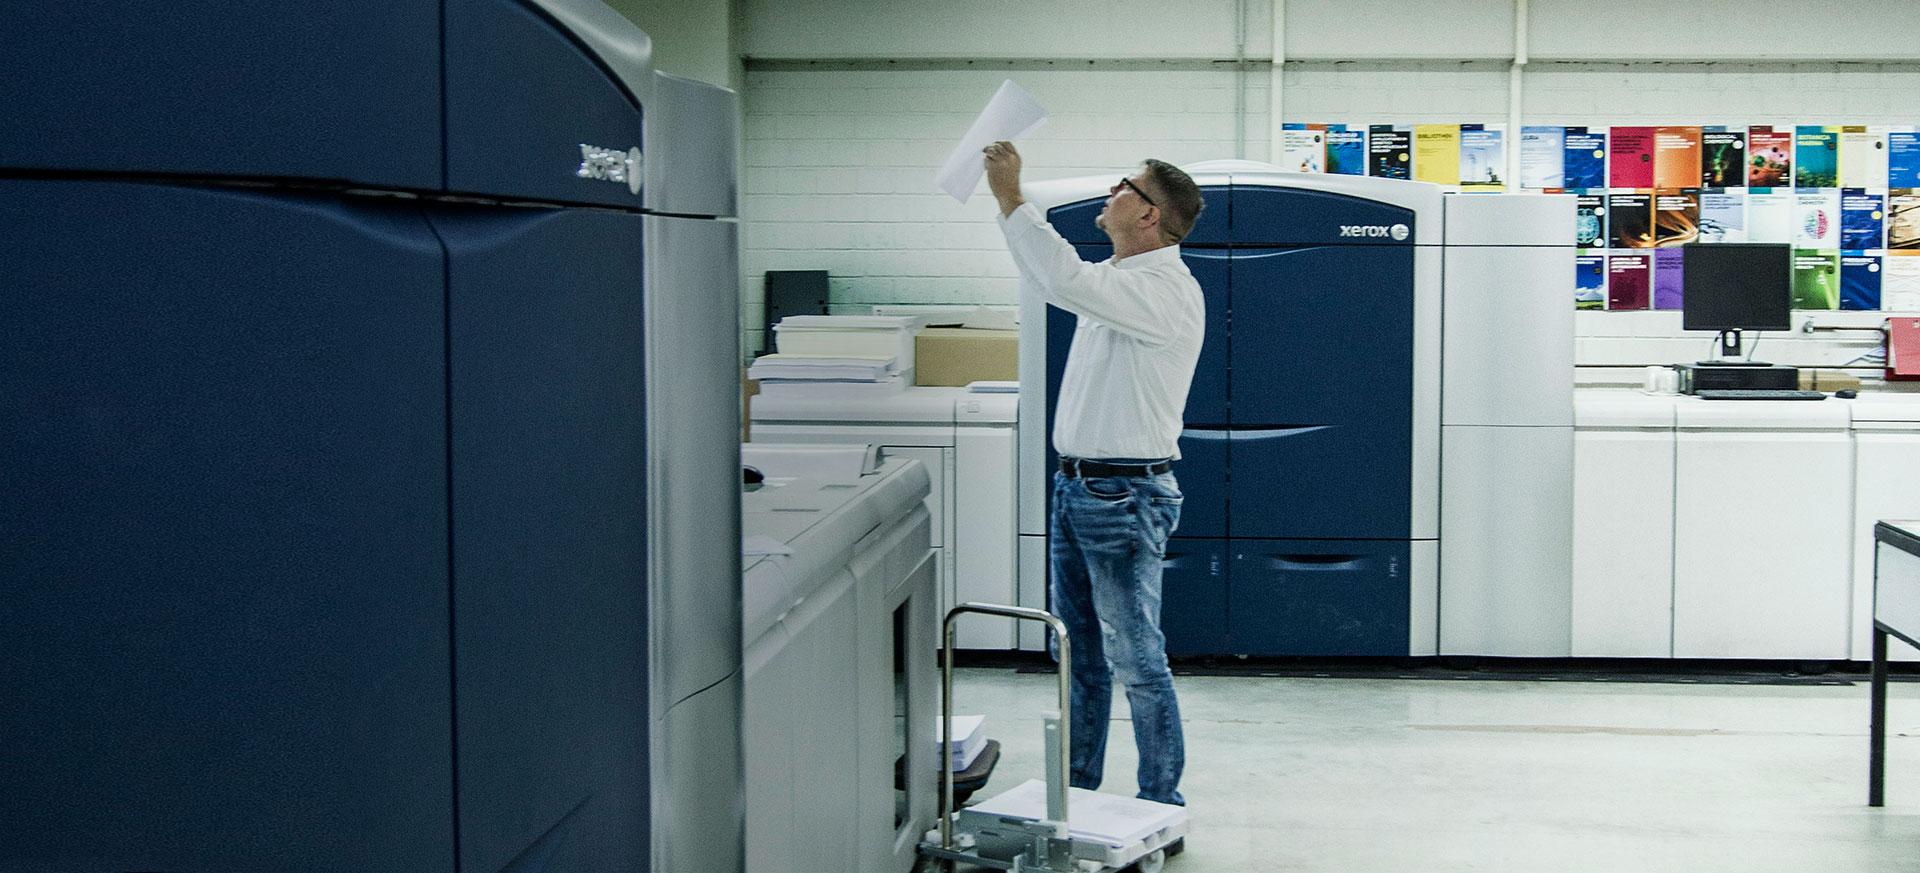 Systeme und Lösungen für Ihren Erfolg im Digitaldruck